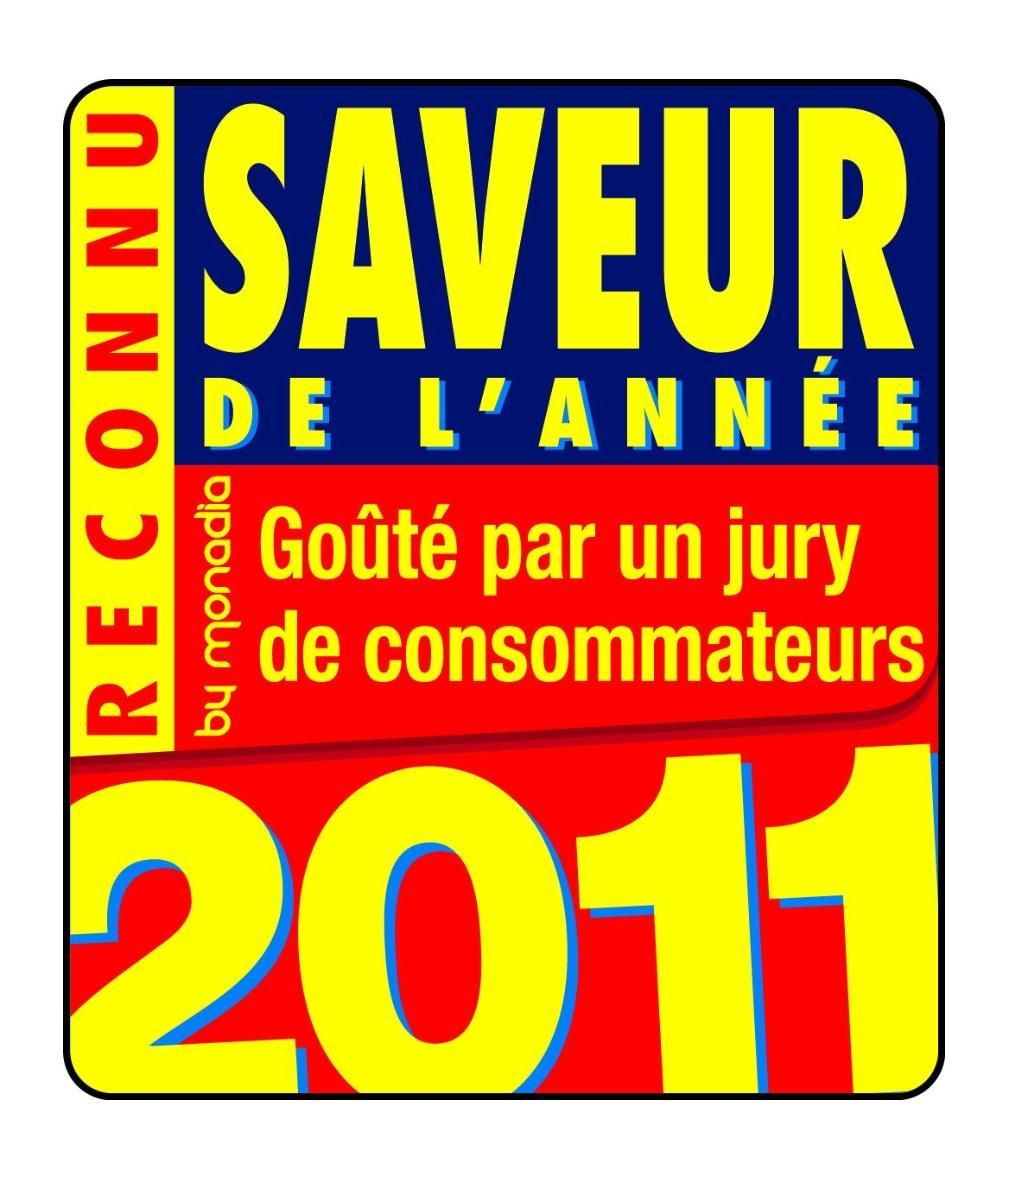 Saveur de l ann e 2001 paperblog - Photo de l annee ...